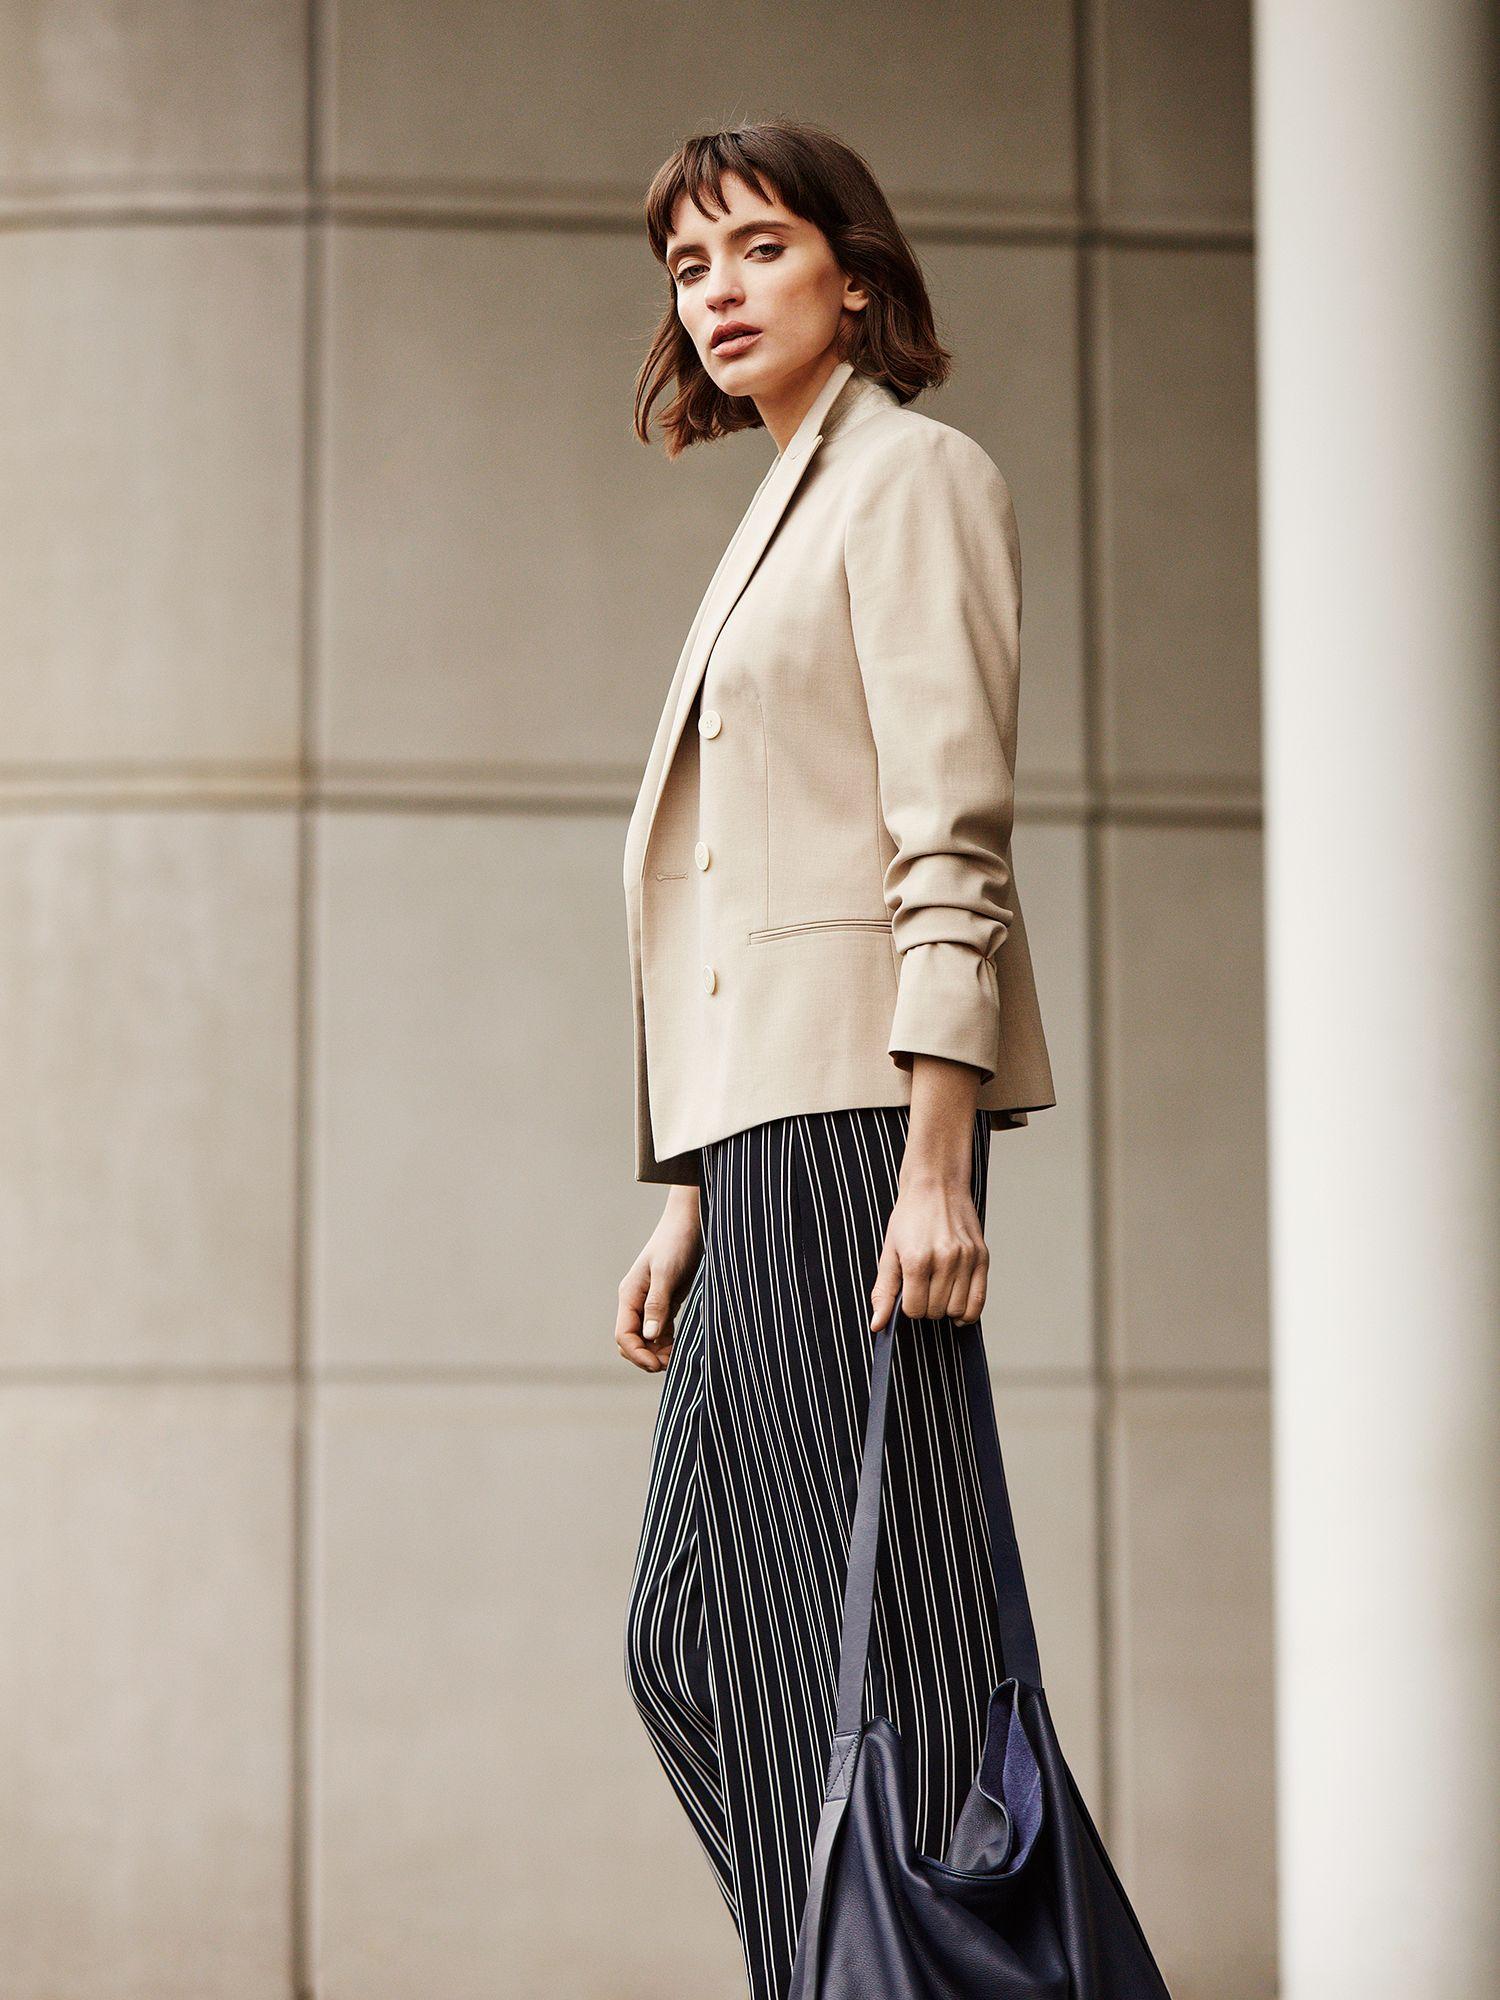 woman wearing a blazer and palazzo pants